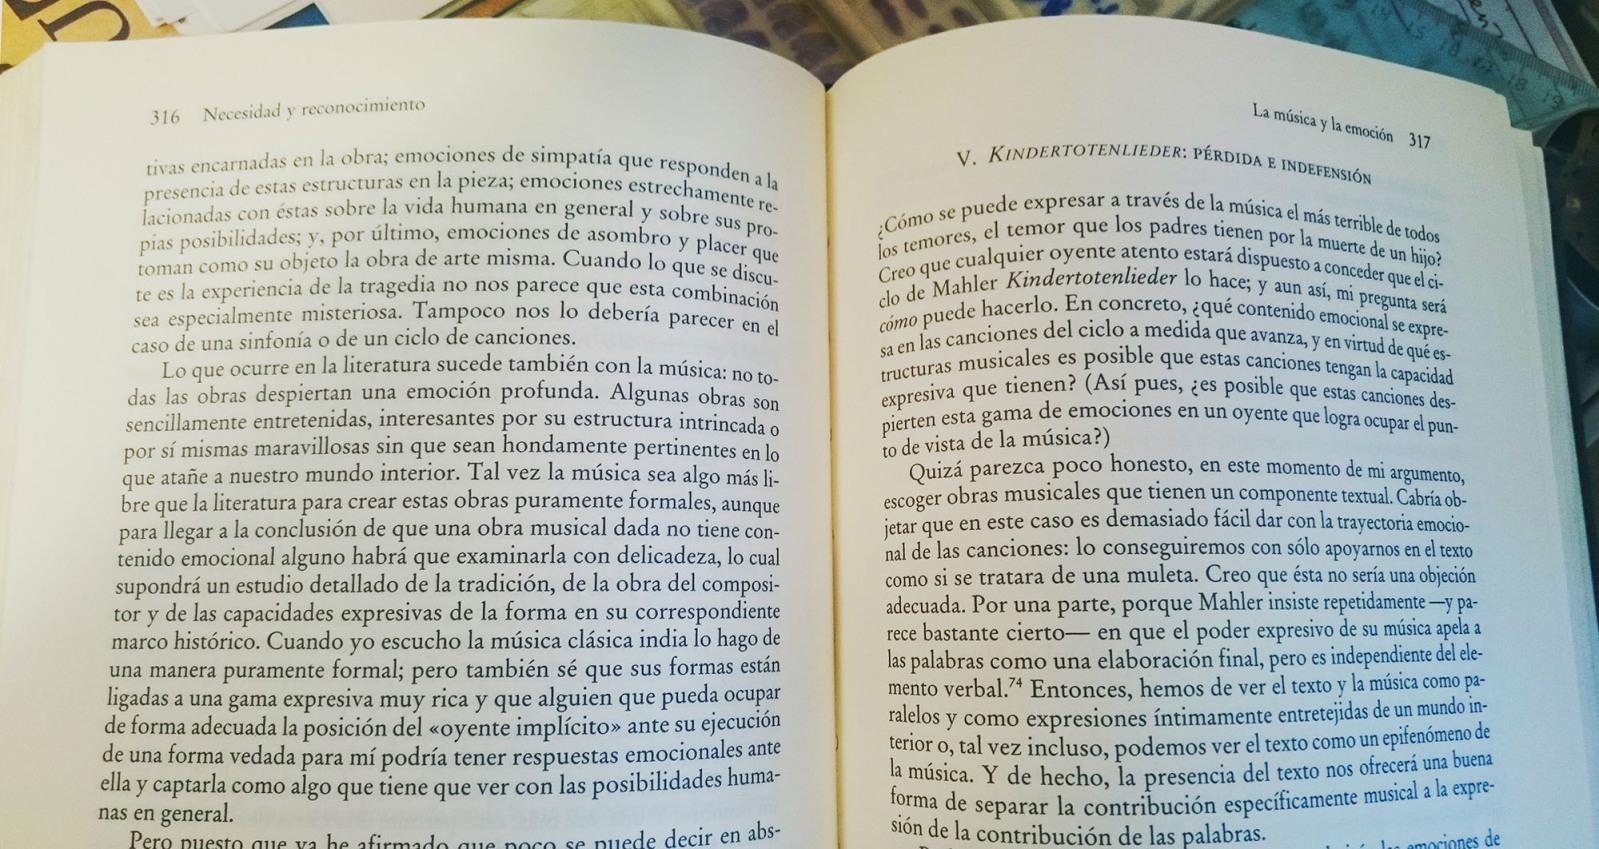 LIBROS EN GENERAL, DE MAHLER EN PARTICULAR... - Página 7 Mshq9i